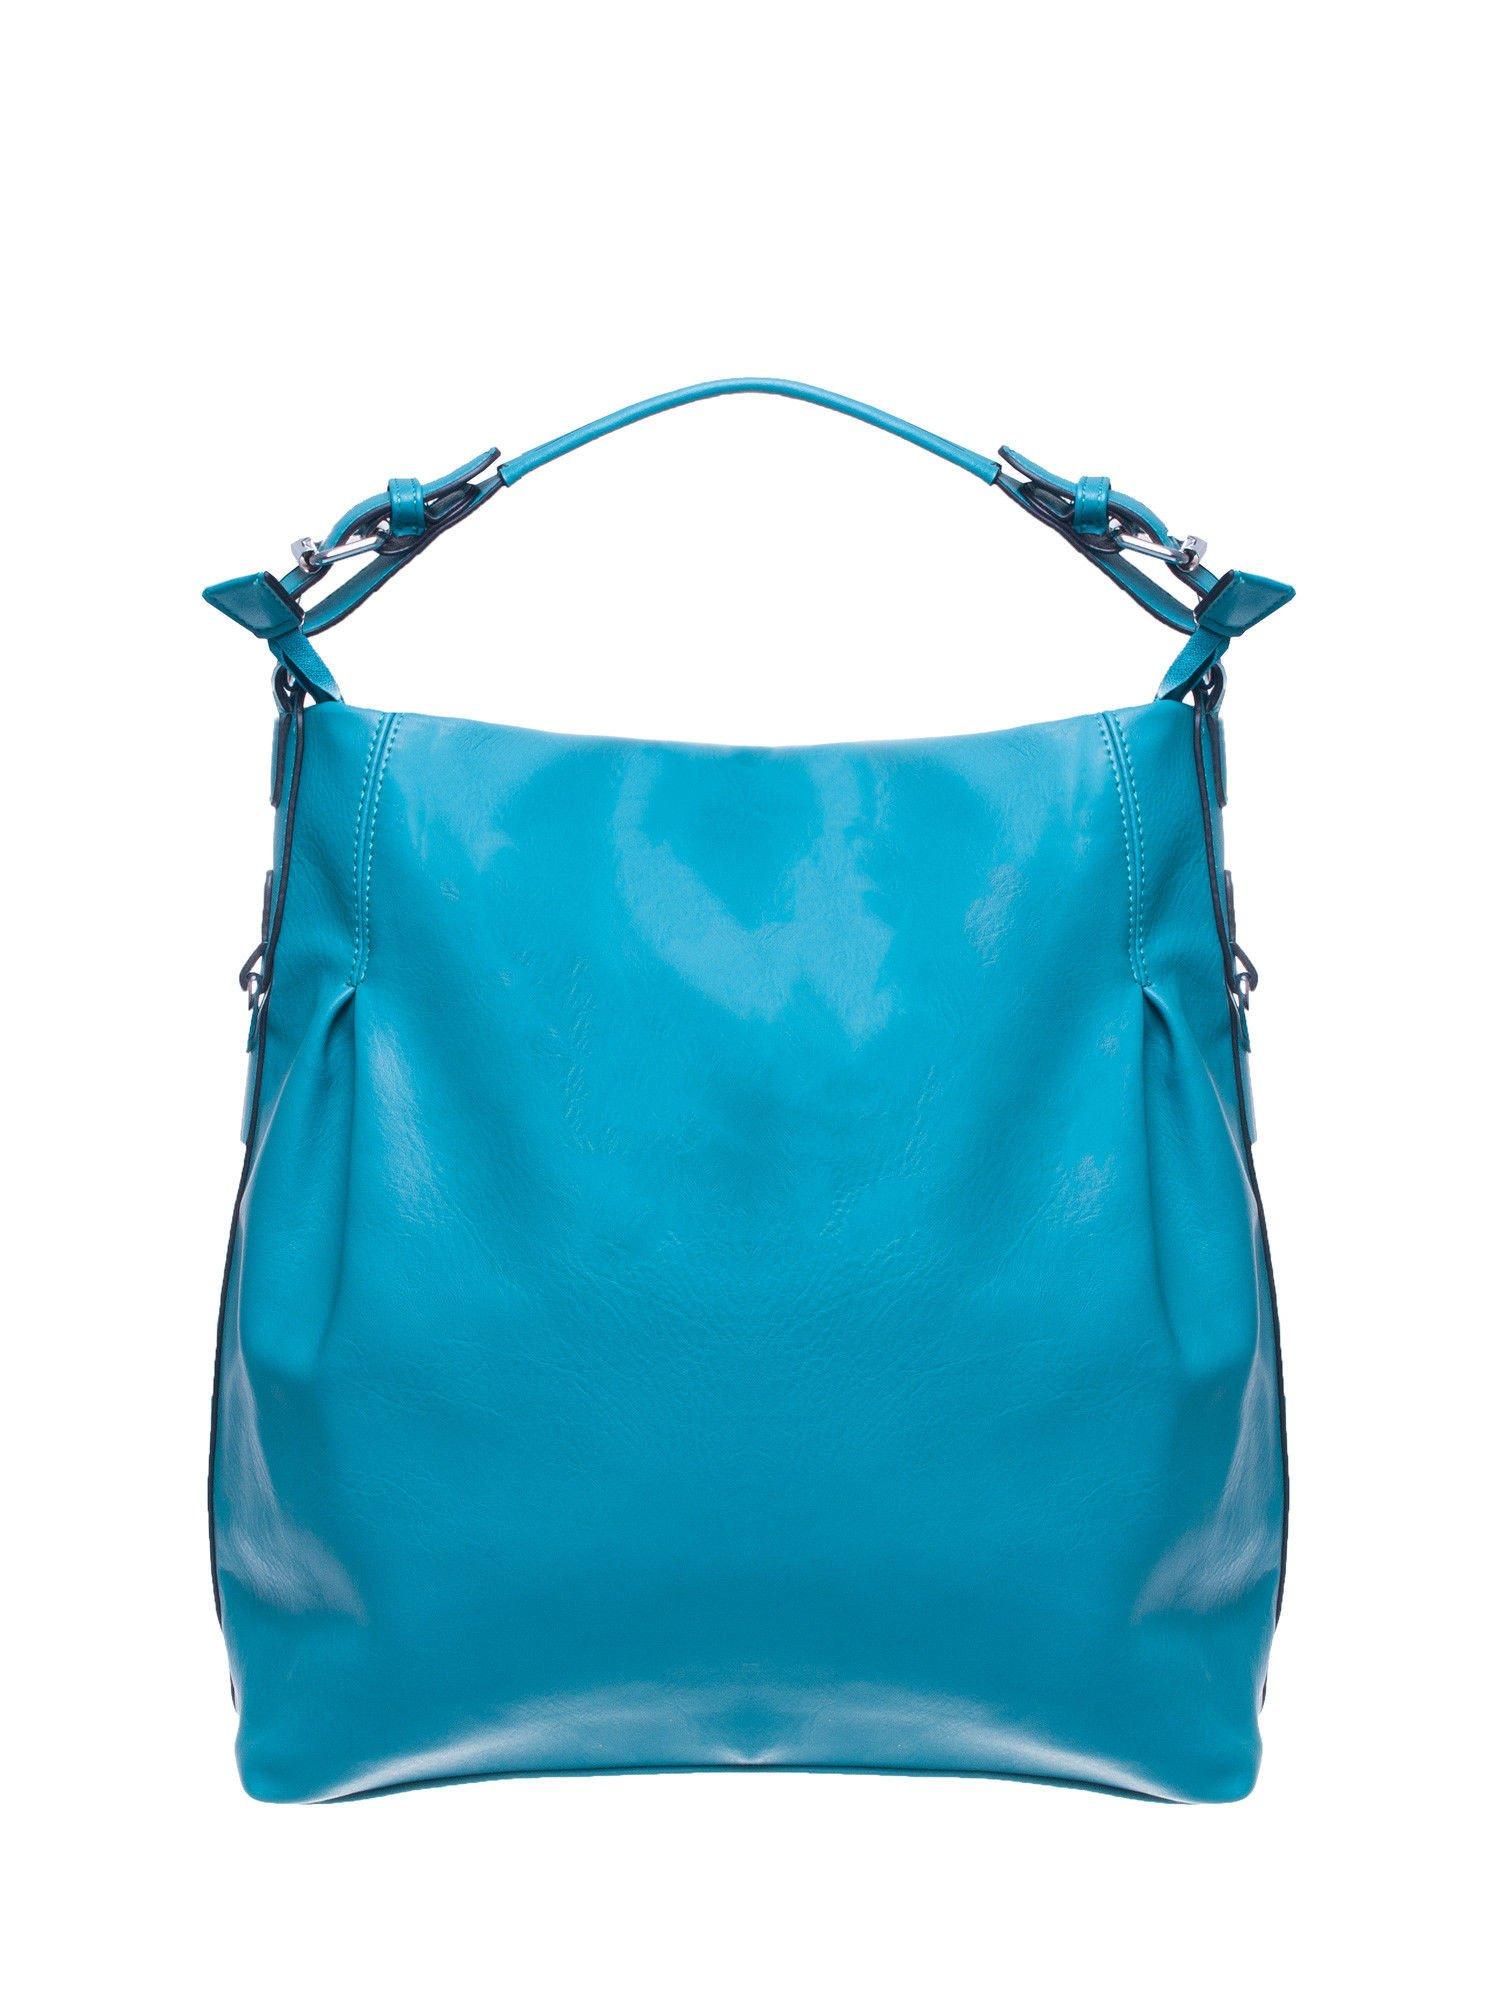 Morska torebka hobo na ramię                                  zdj.                                  1